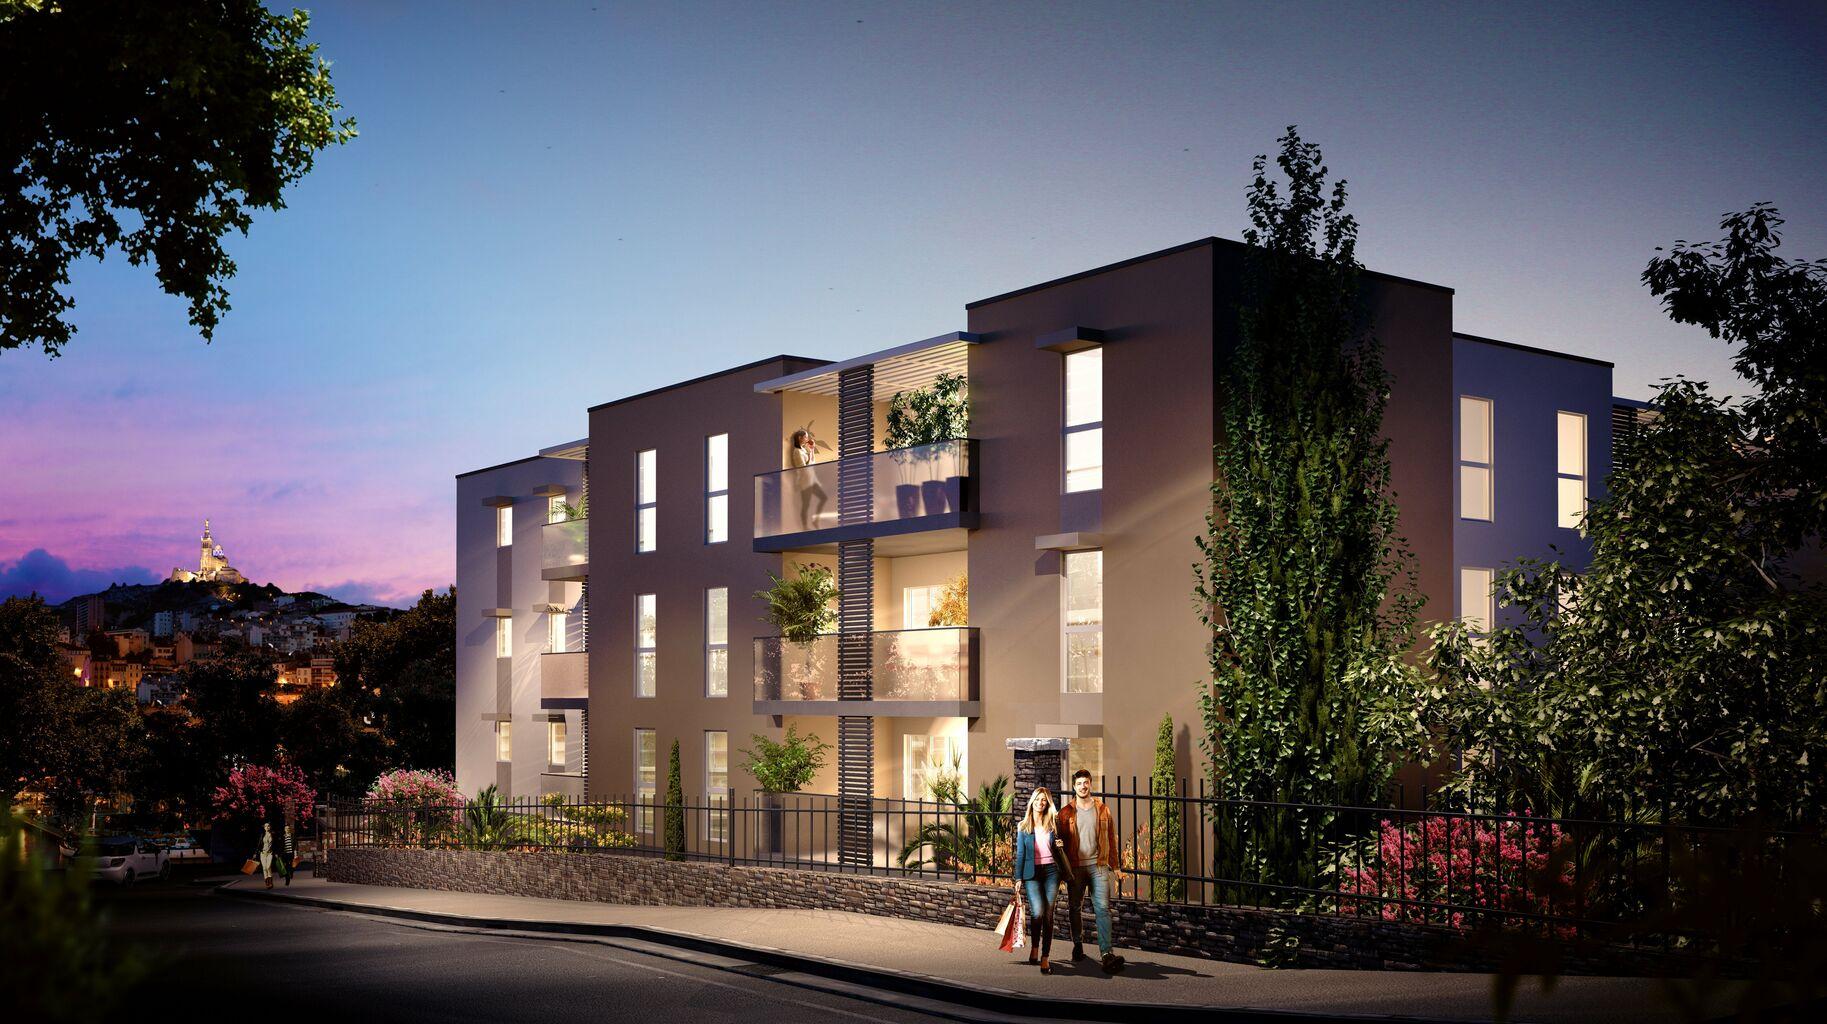 Programme immobilier VAL146 appartement à Marseille 10ème (13010) Située sur les hauteurs de Saint-Loup